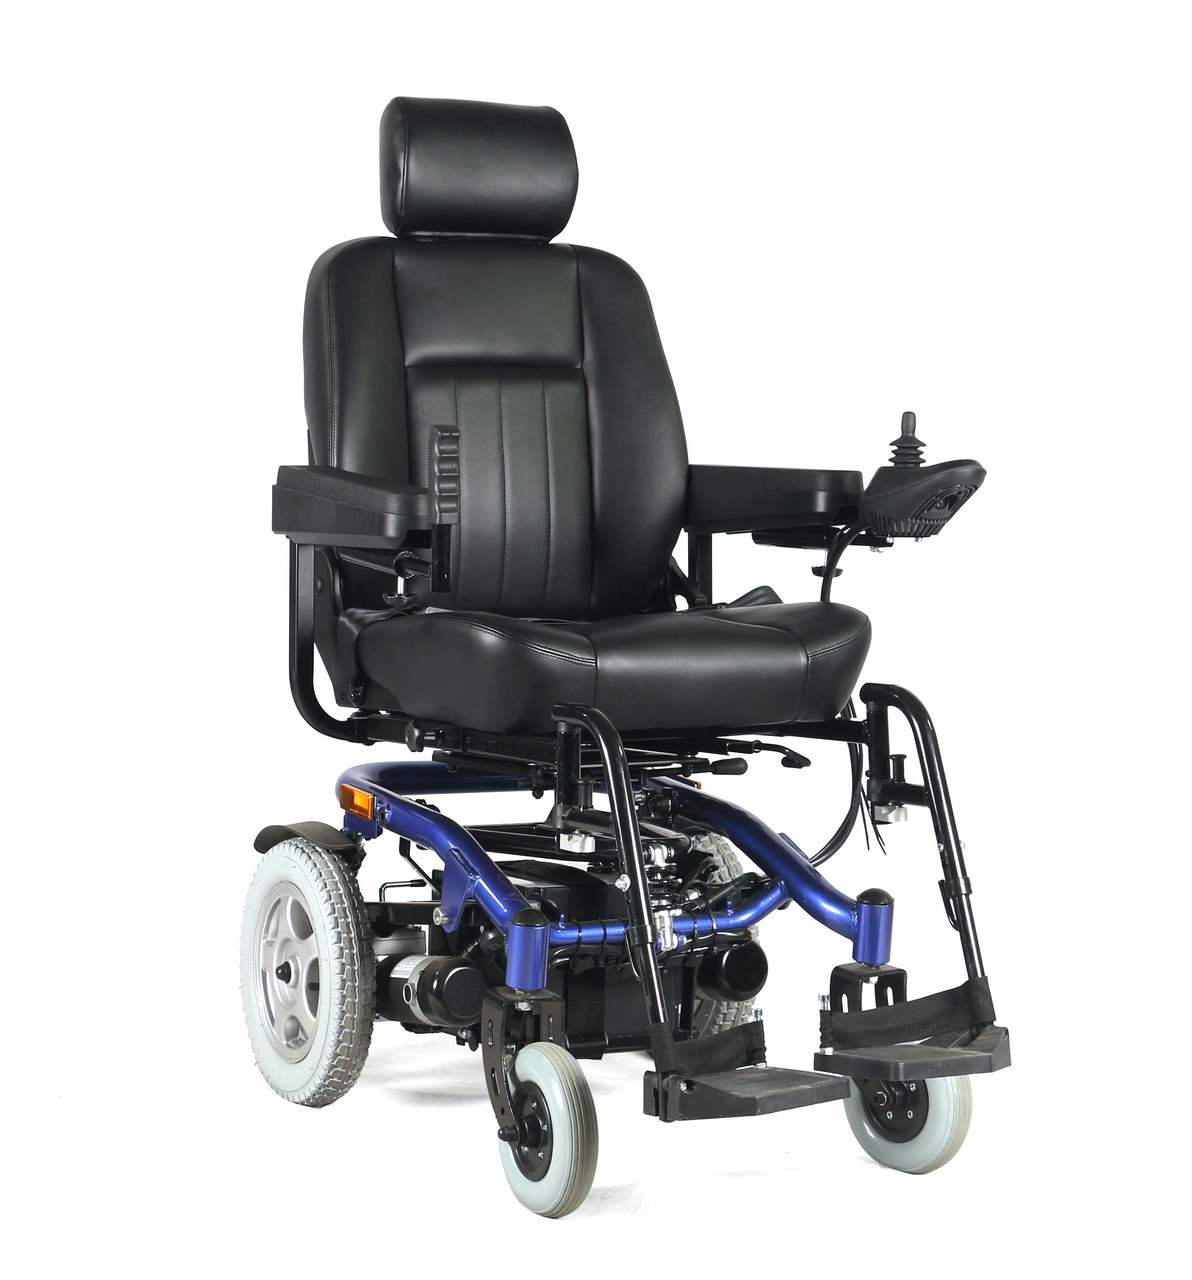 Электроколяска для инвалидов W-1024. Инвалидная коляска. Широкое сиденье 50 см.